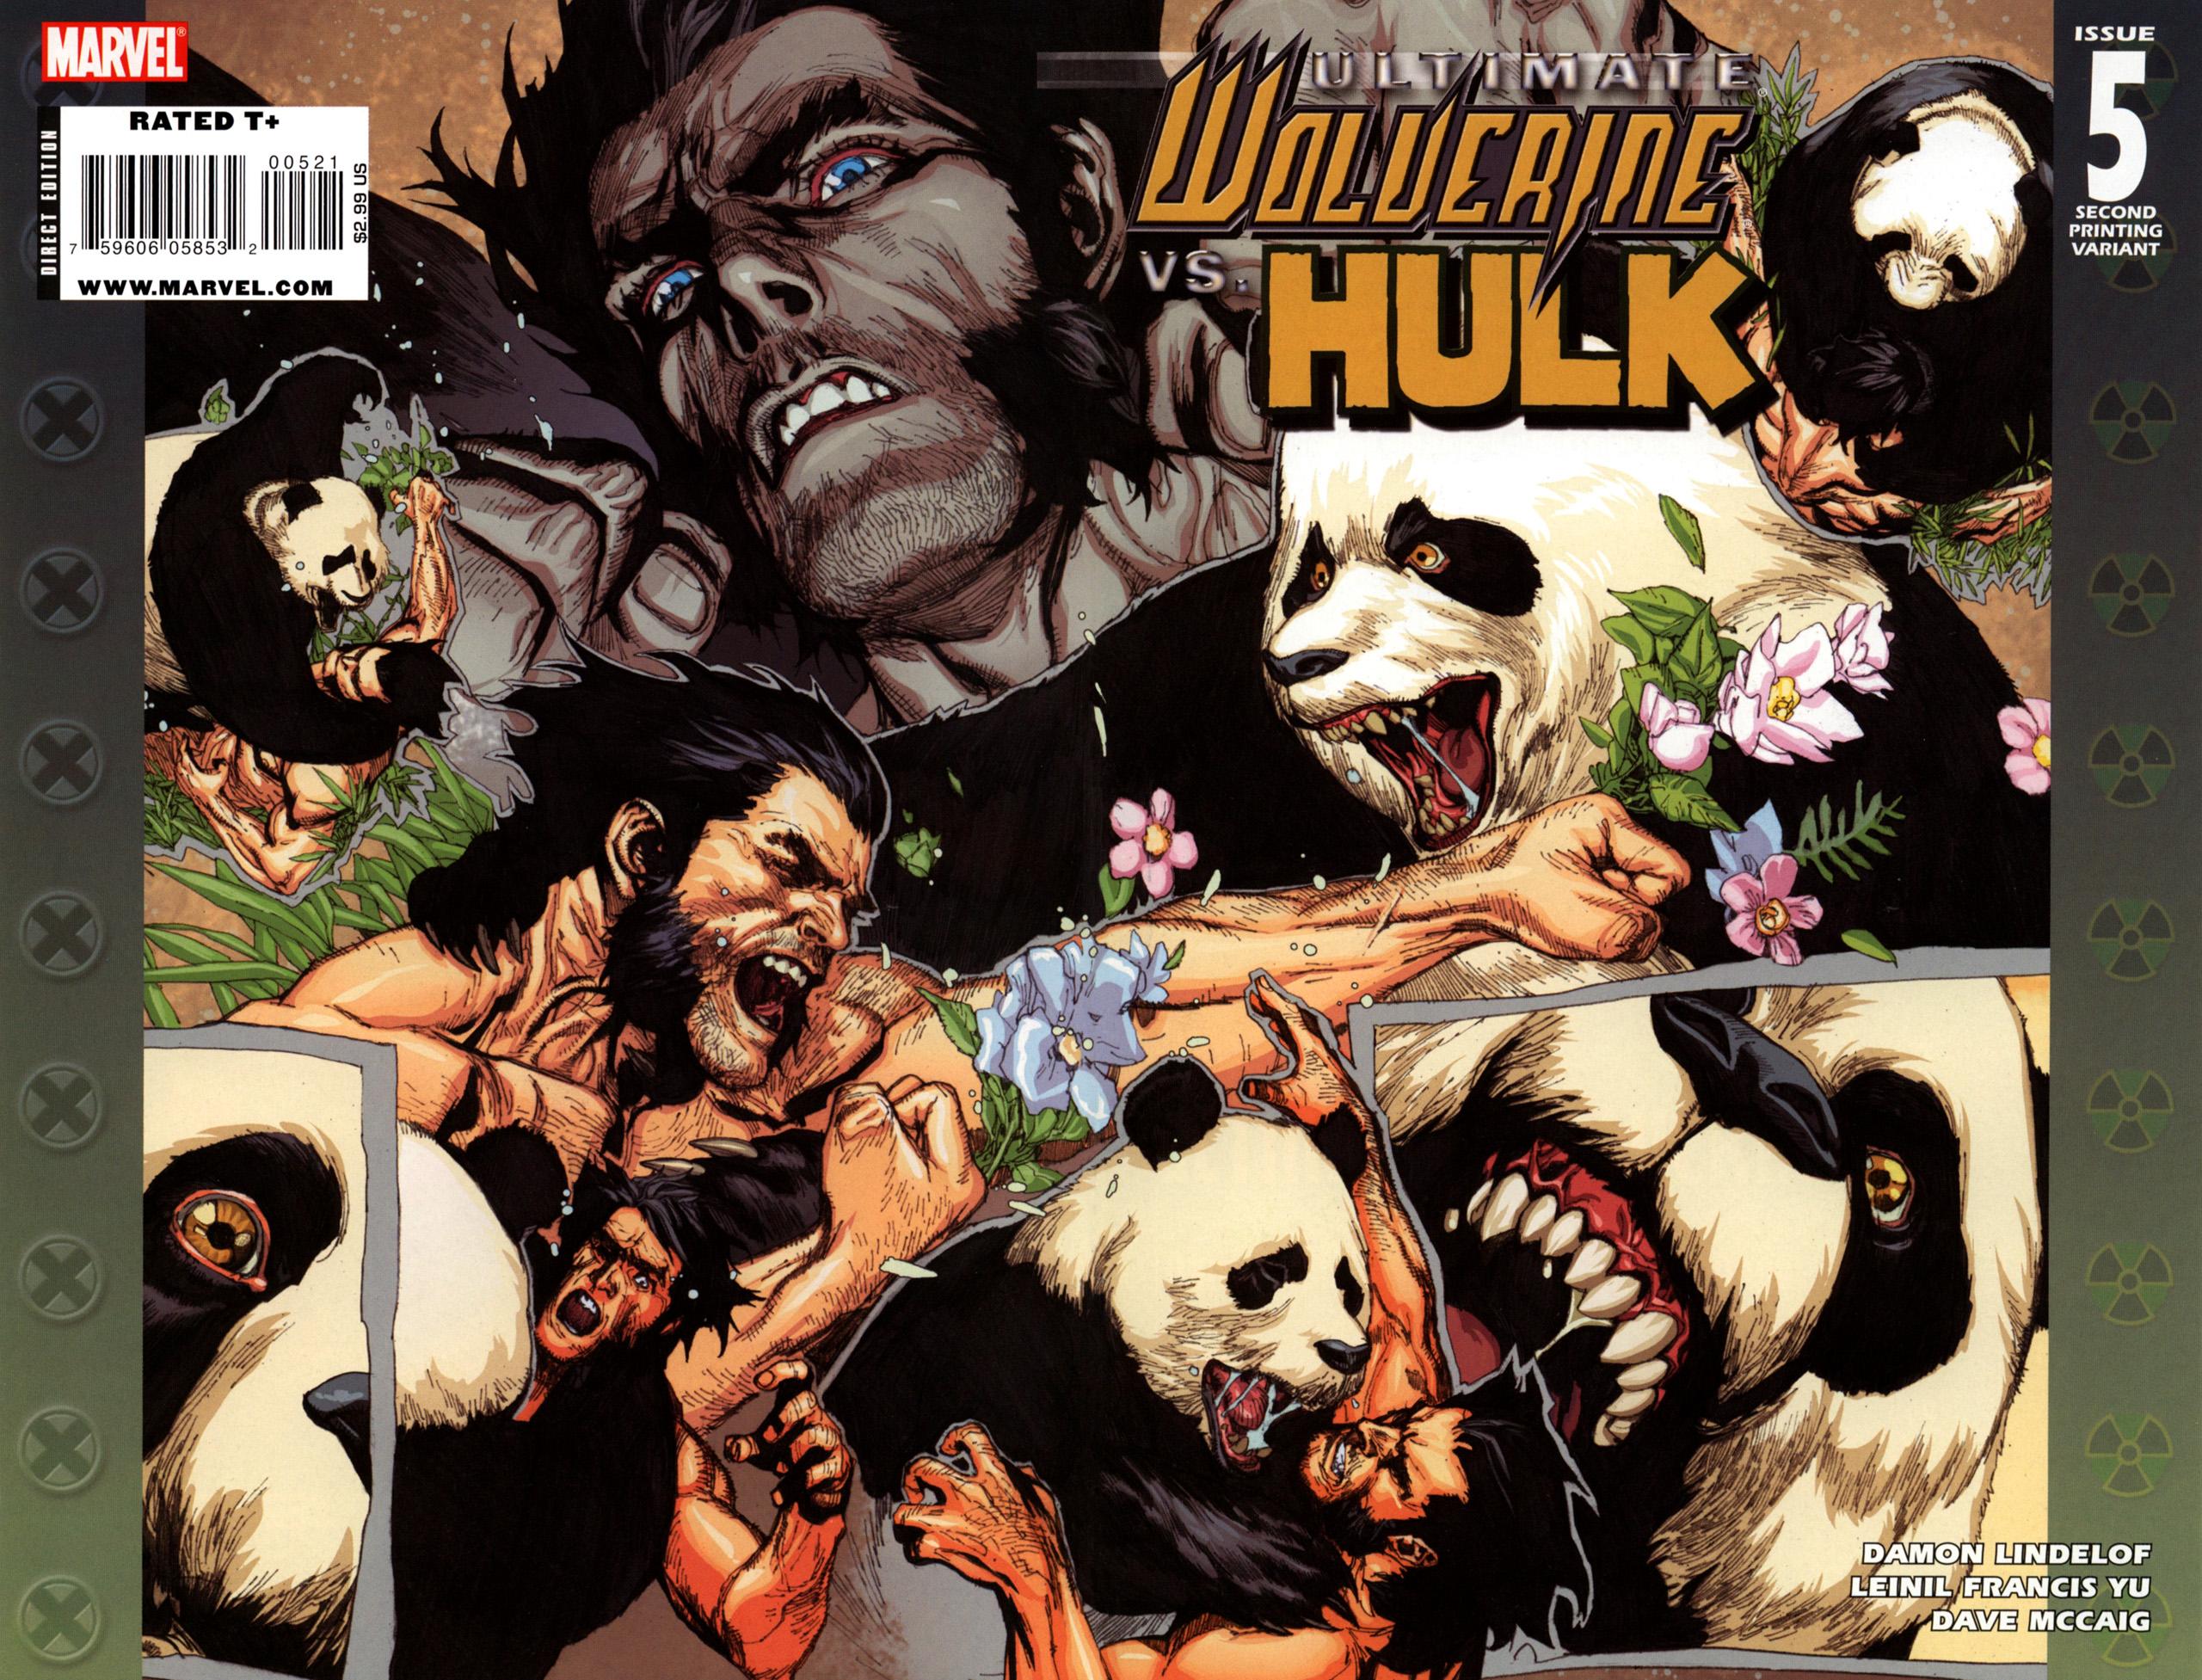 Ultimate_Wolverine_vs._Hulk_Vol_1_5_Second_Printing.jpg